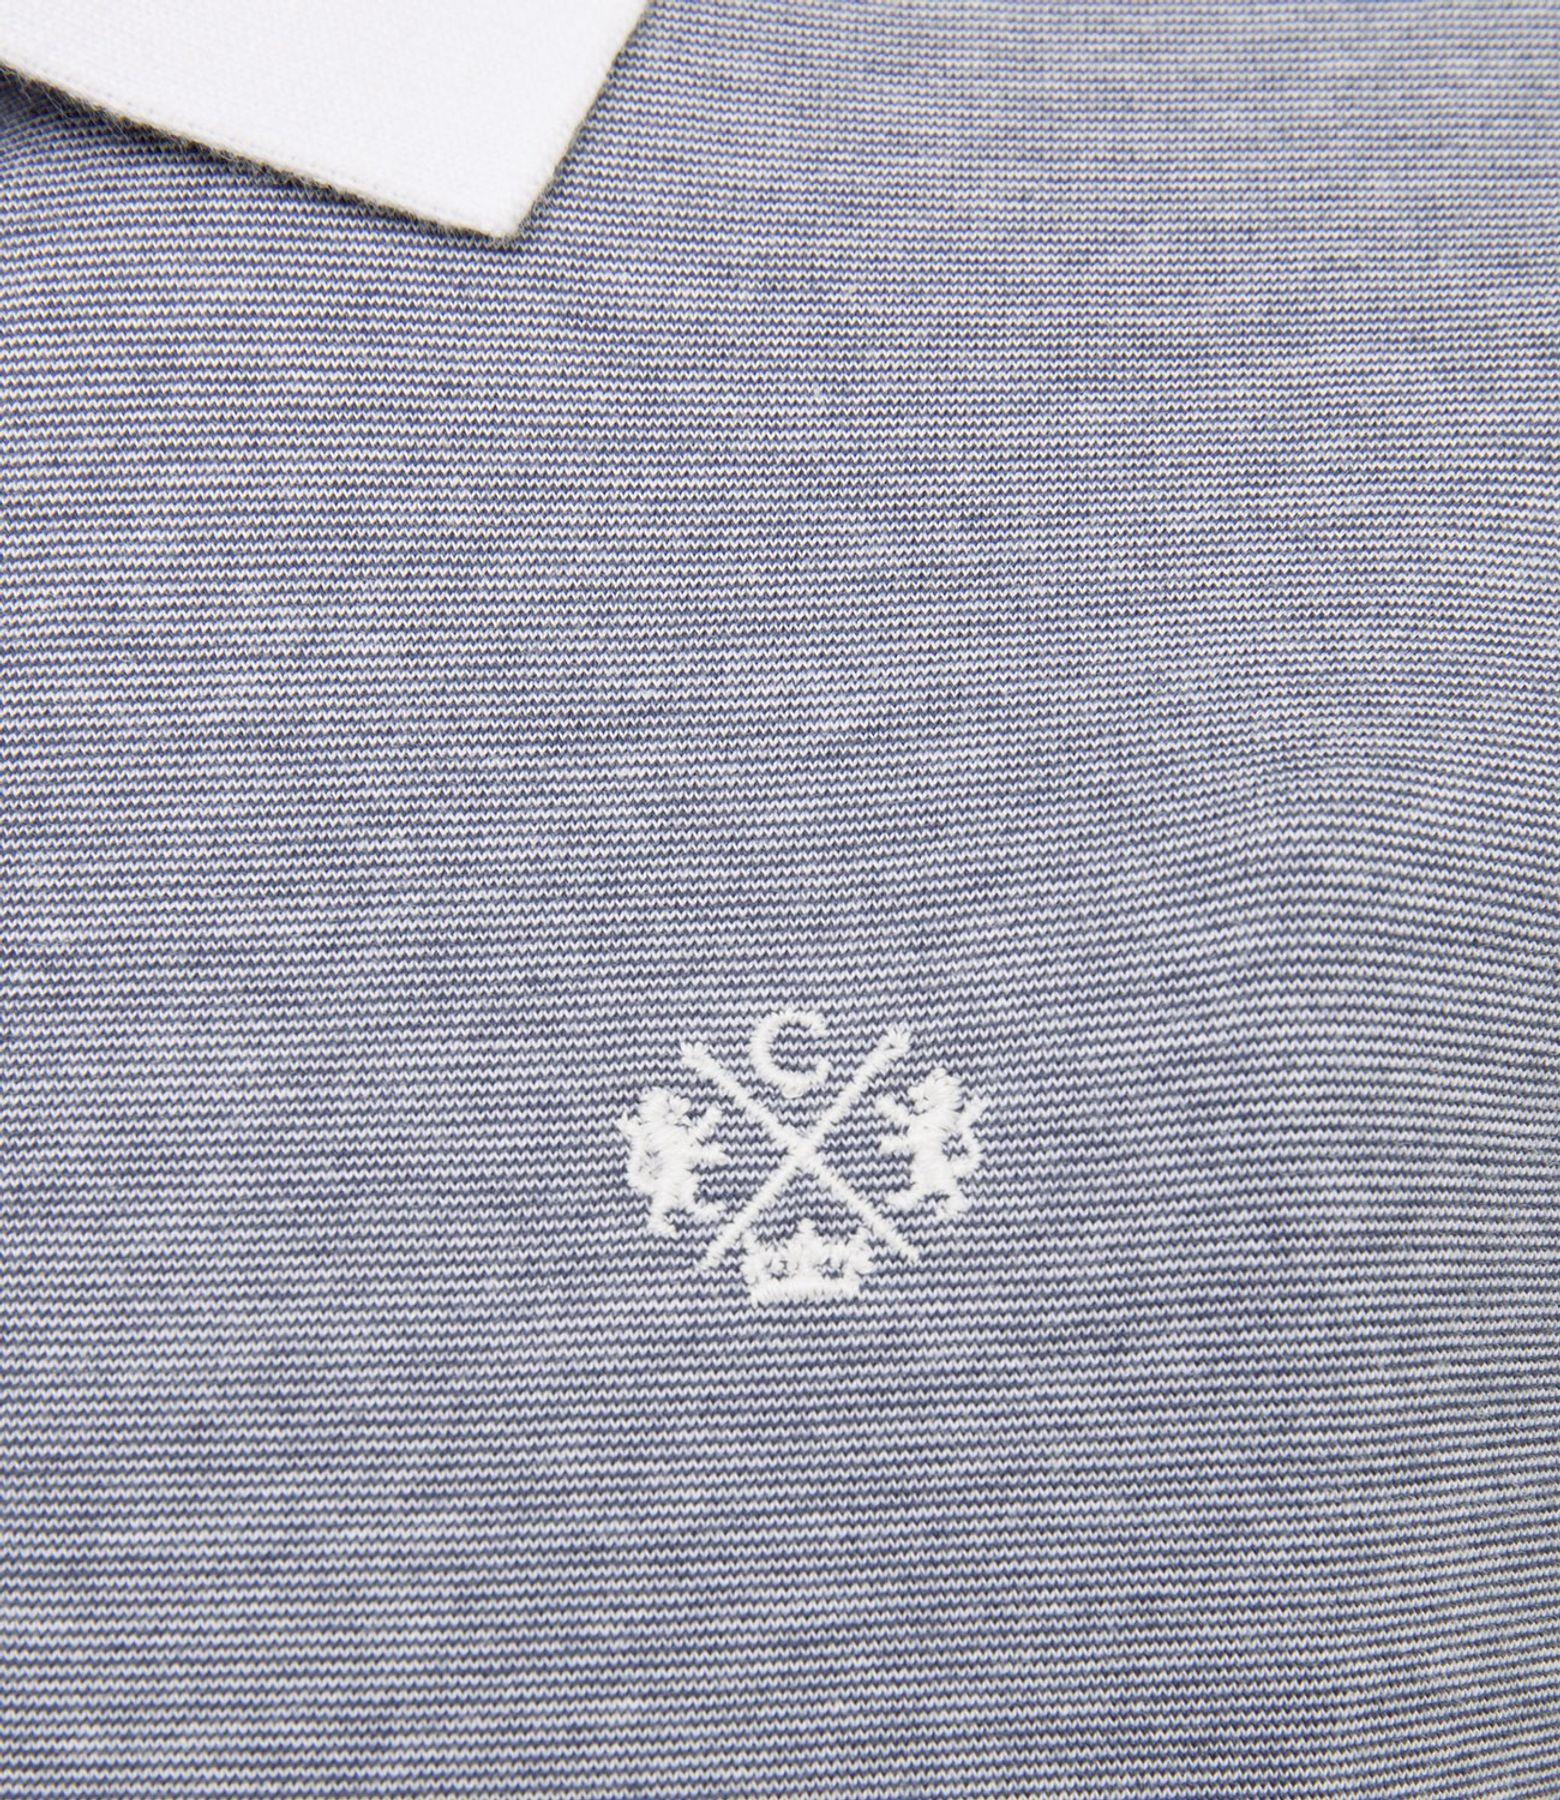 Camp David - Herren Polo-shirt in verschiedenen Farben, (CHS-1804-3027)  – Bild 3